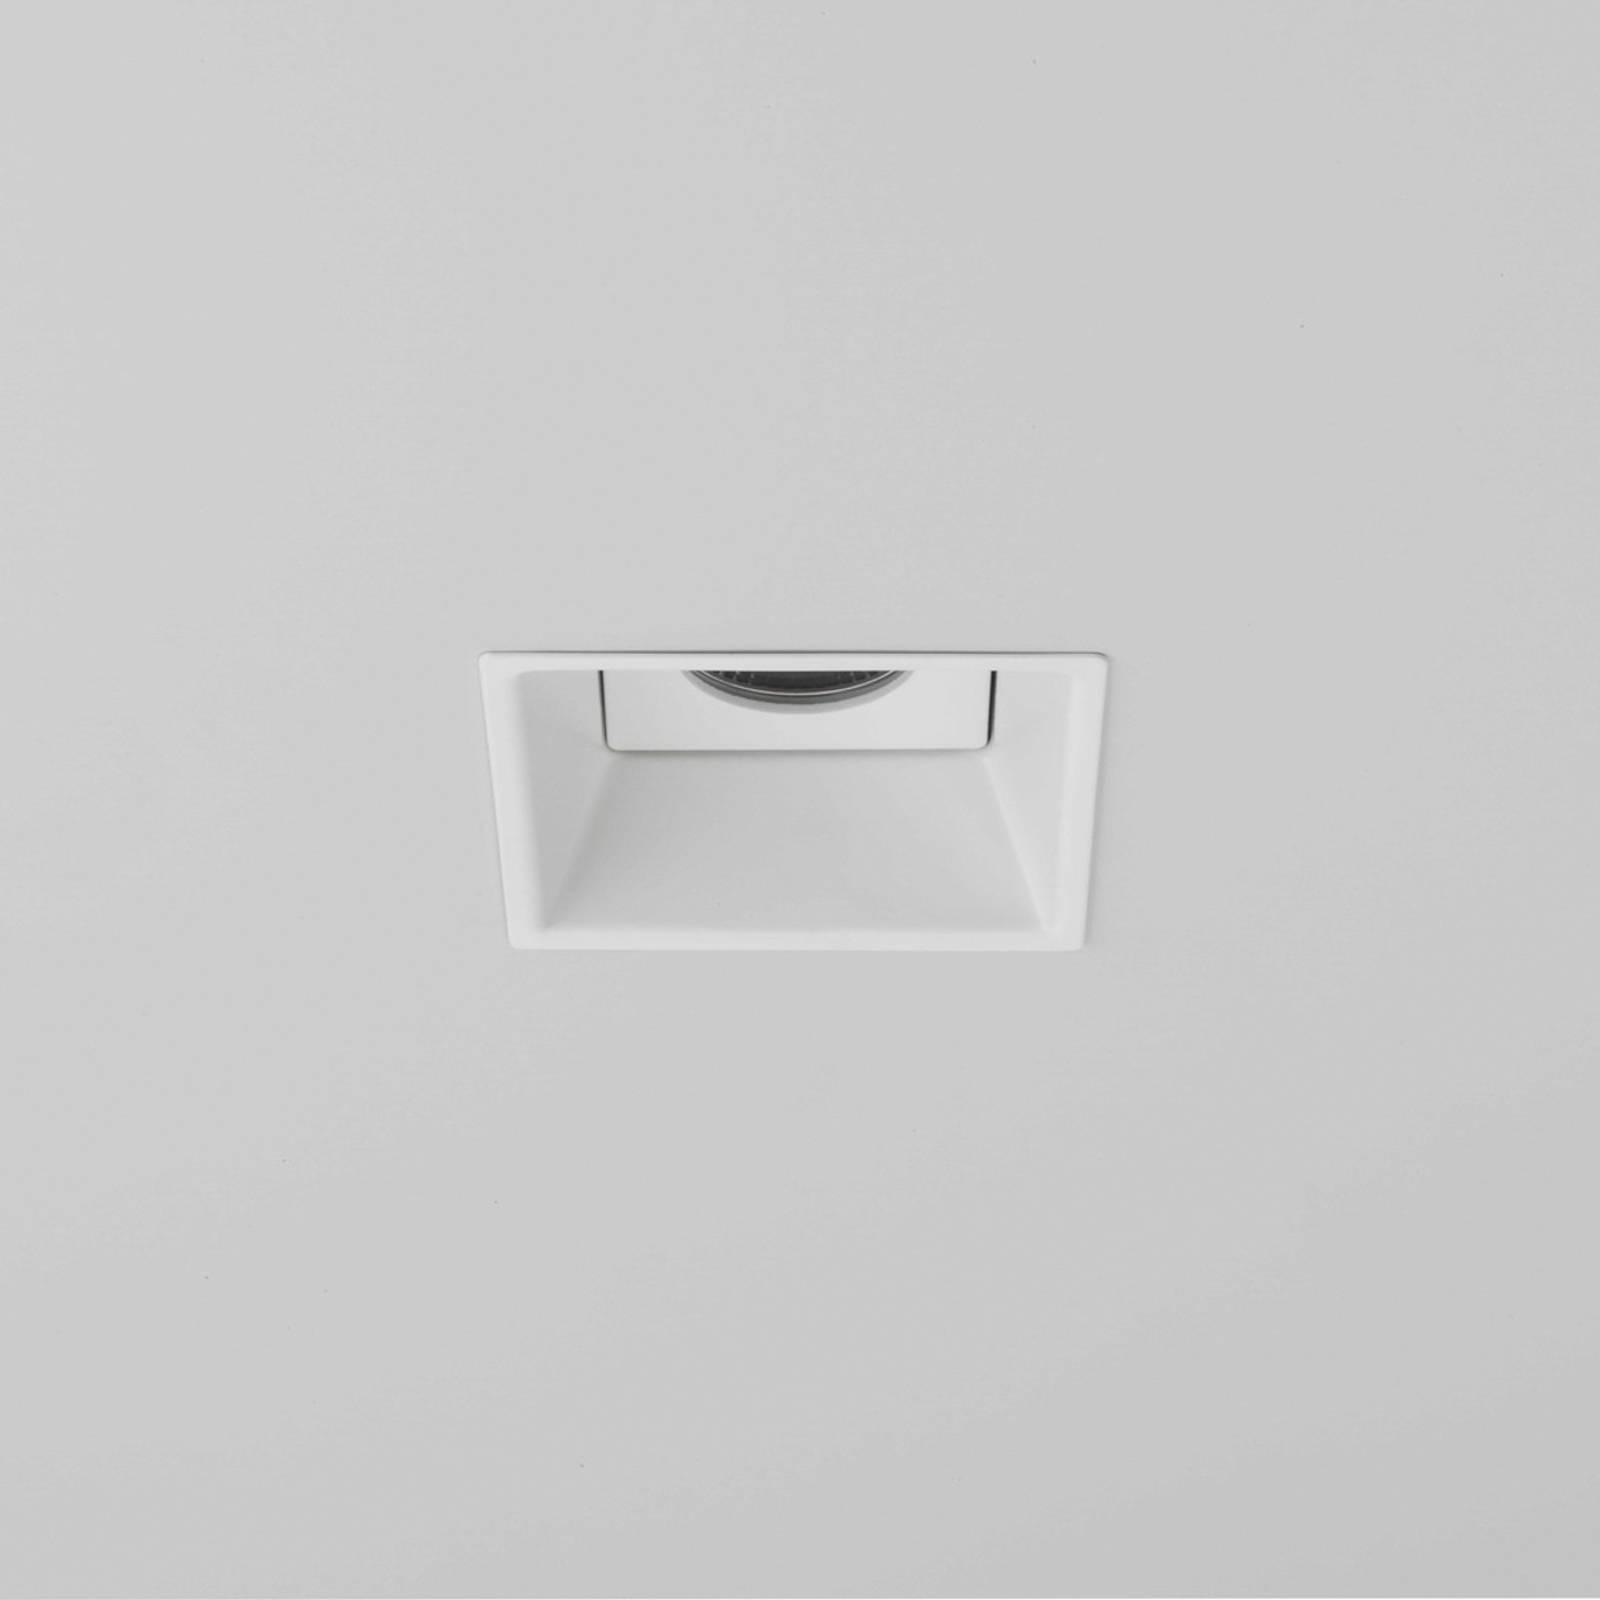 Astro Minima Square spot encastré LED, IP65, blanc